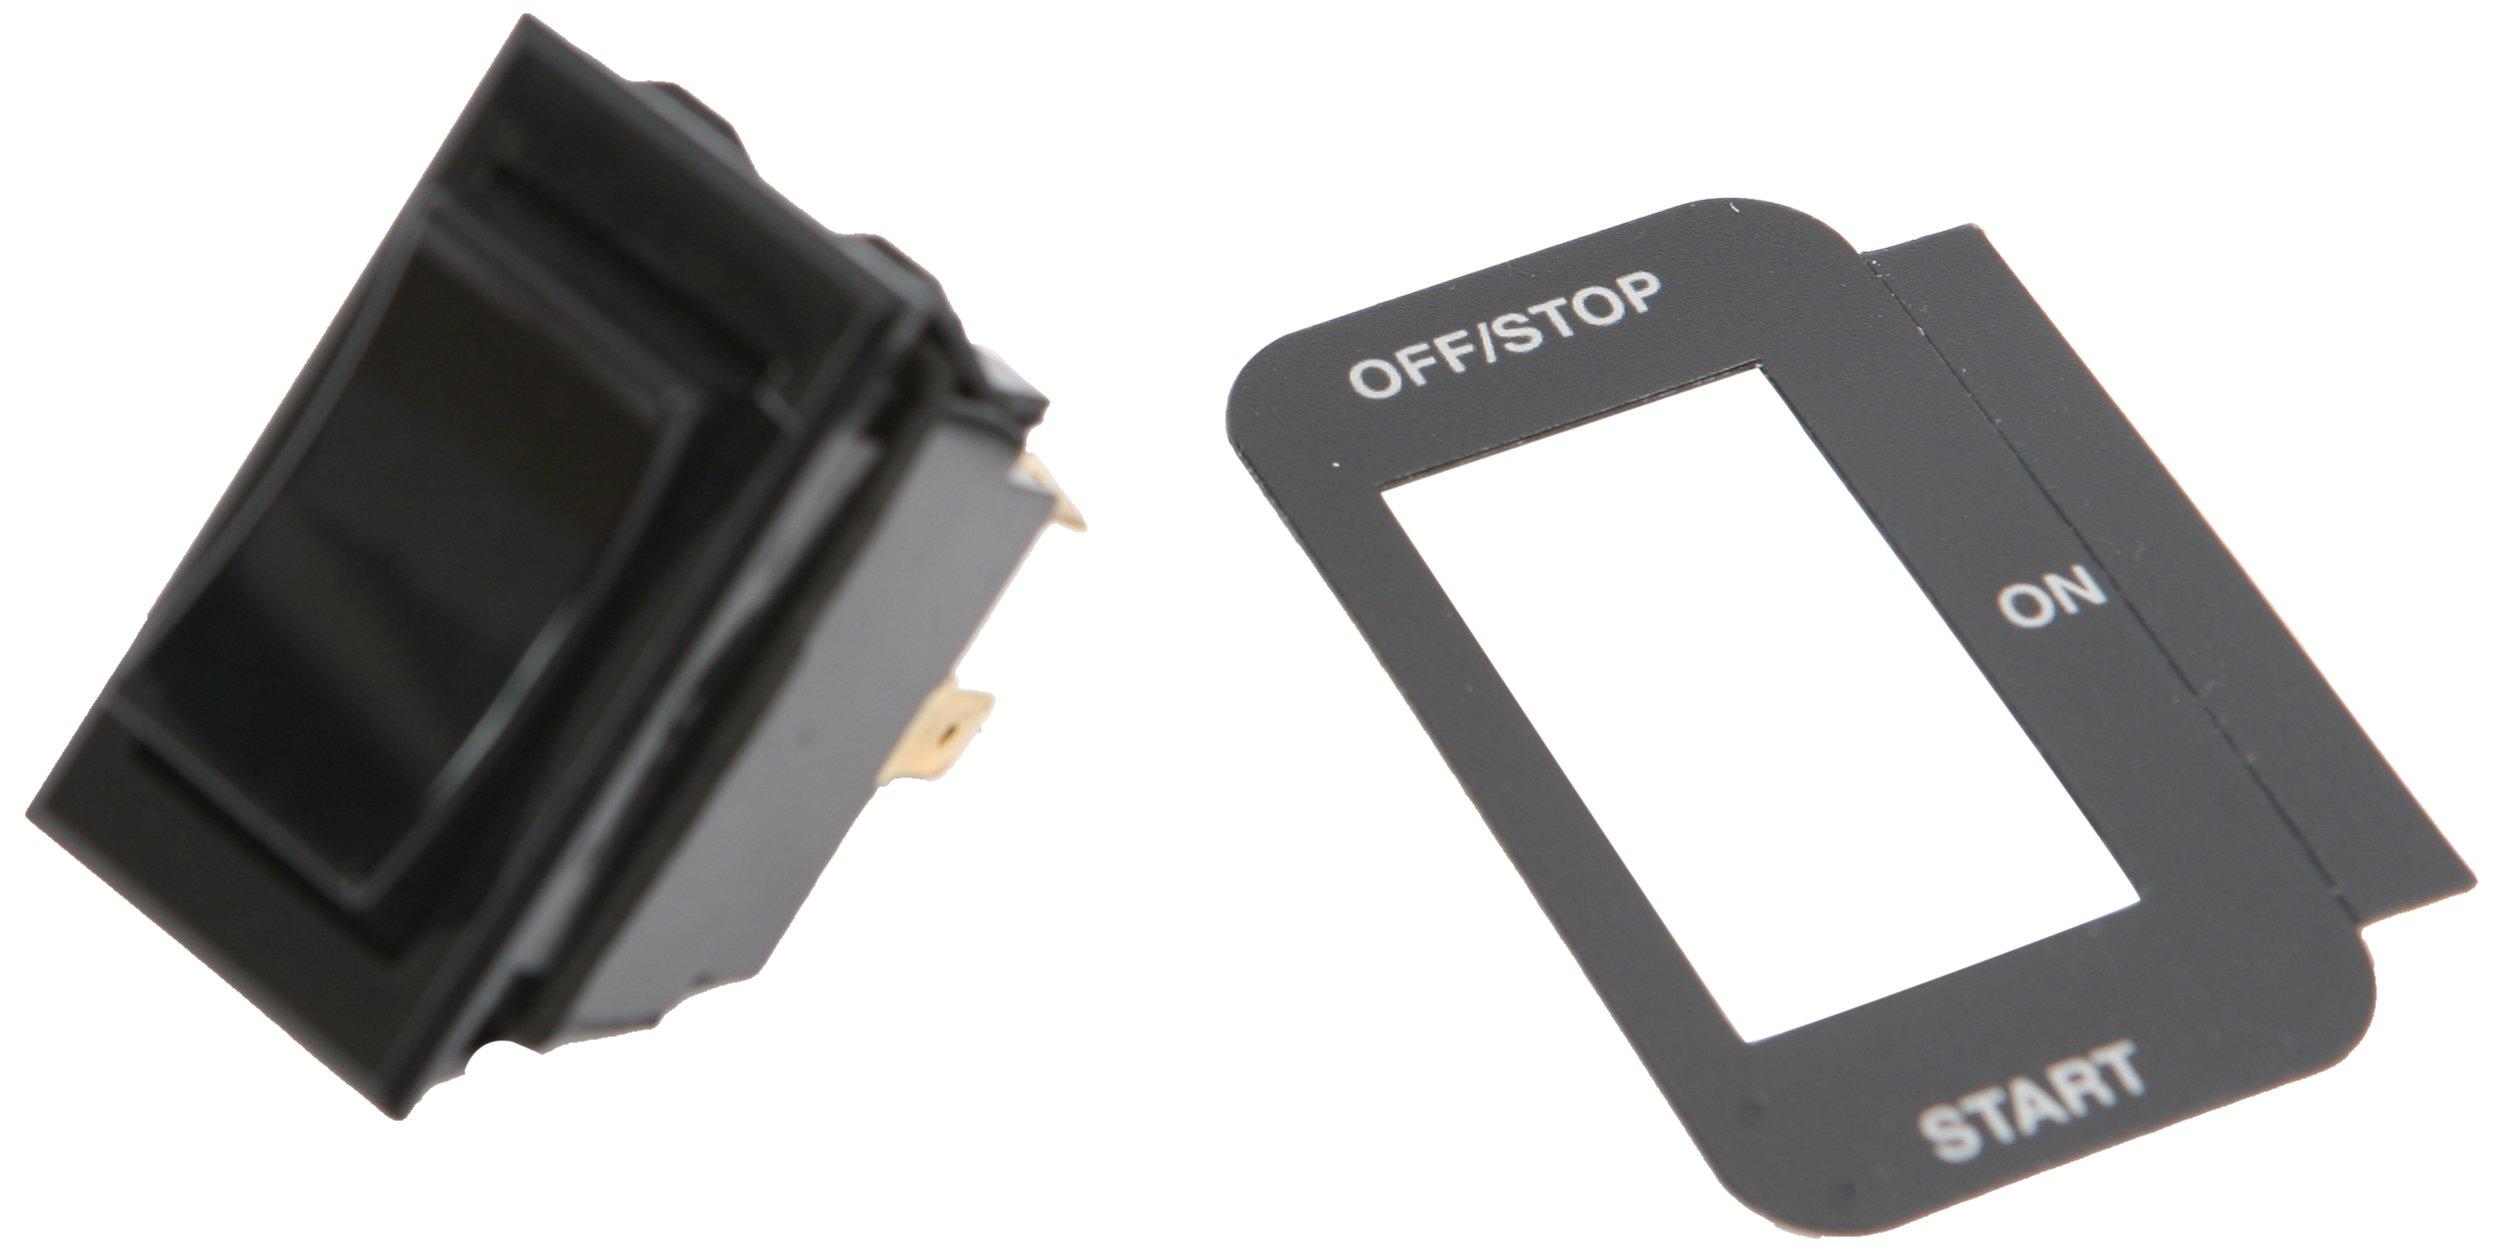 Bunn 5815.1 On/Off/Start Switch Kit